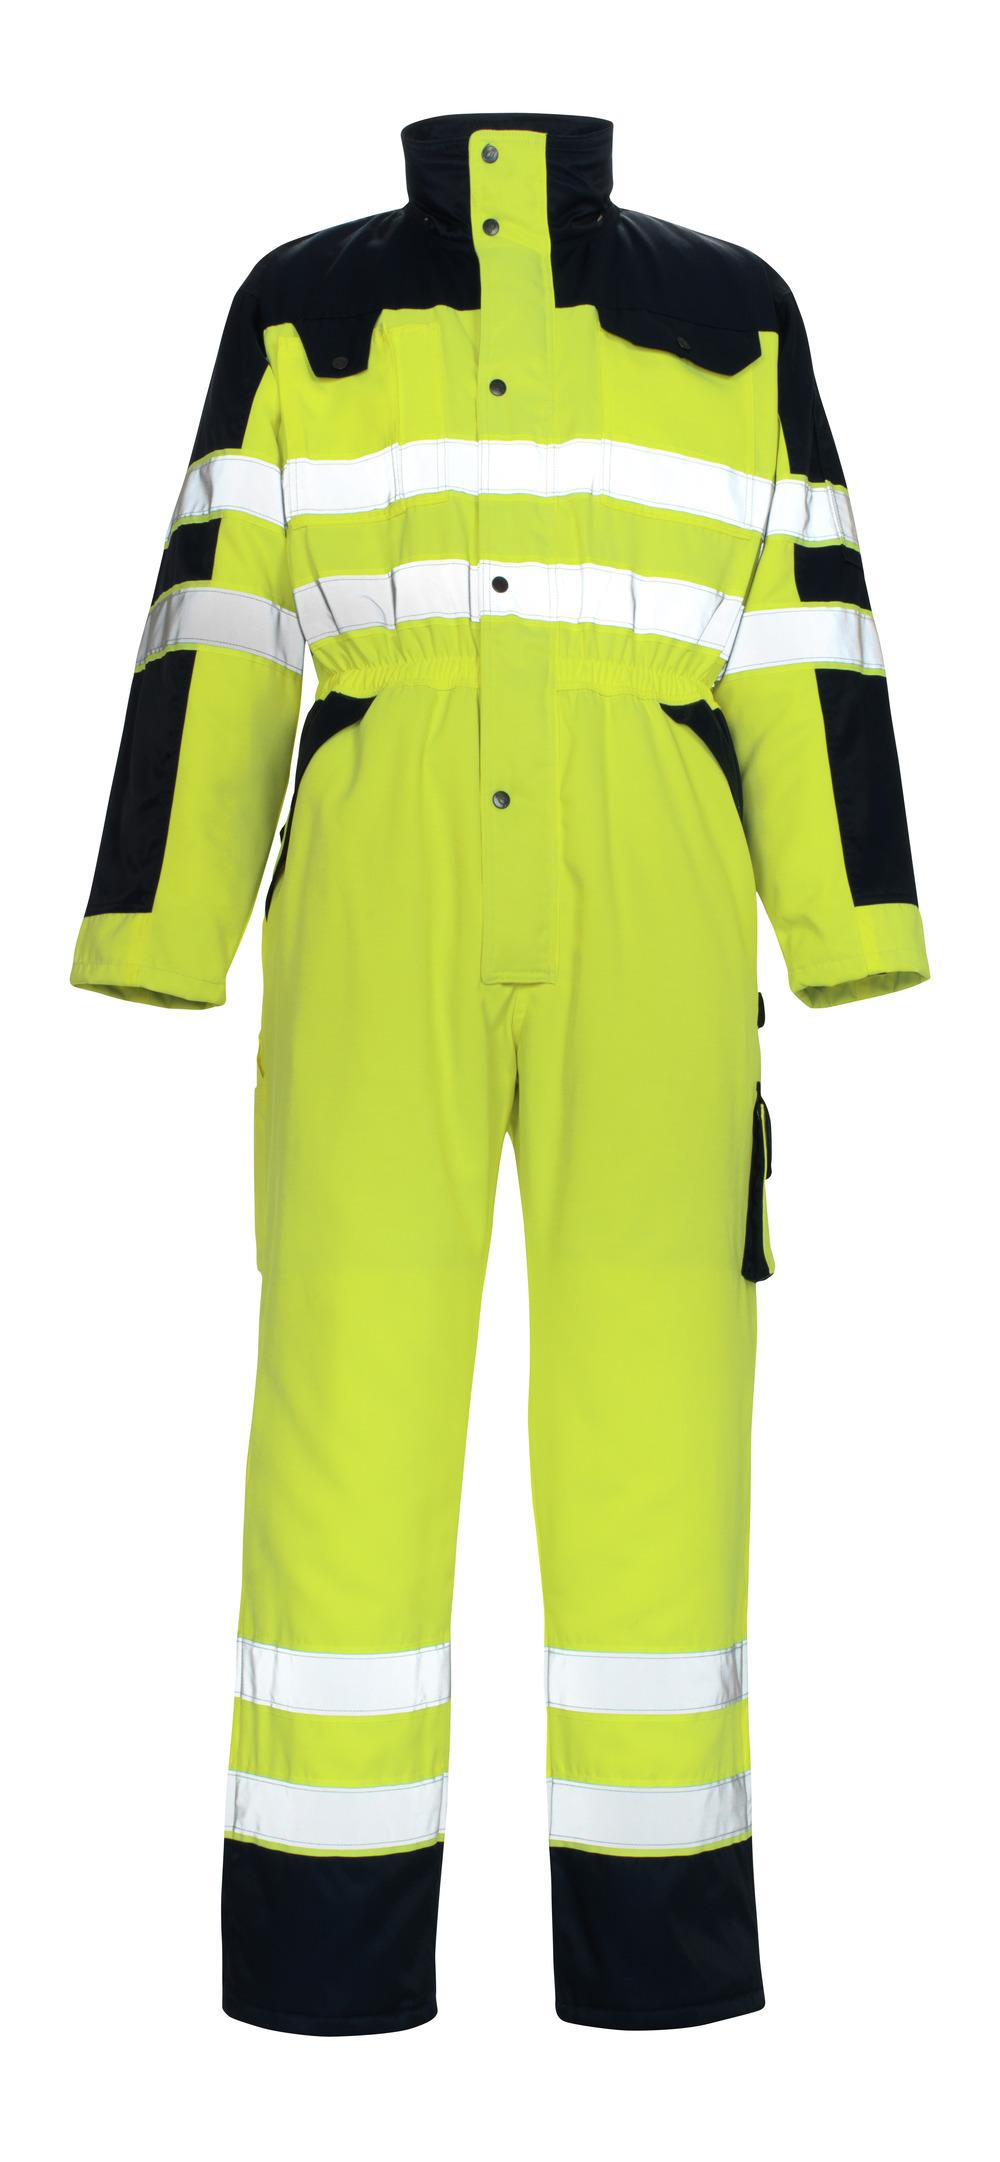 00921-660-171 Vinteroverall - hi-vis gul/marin